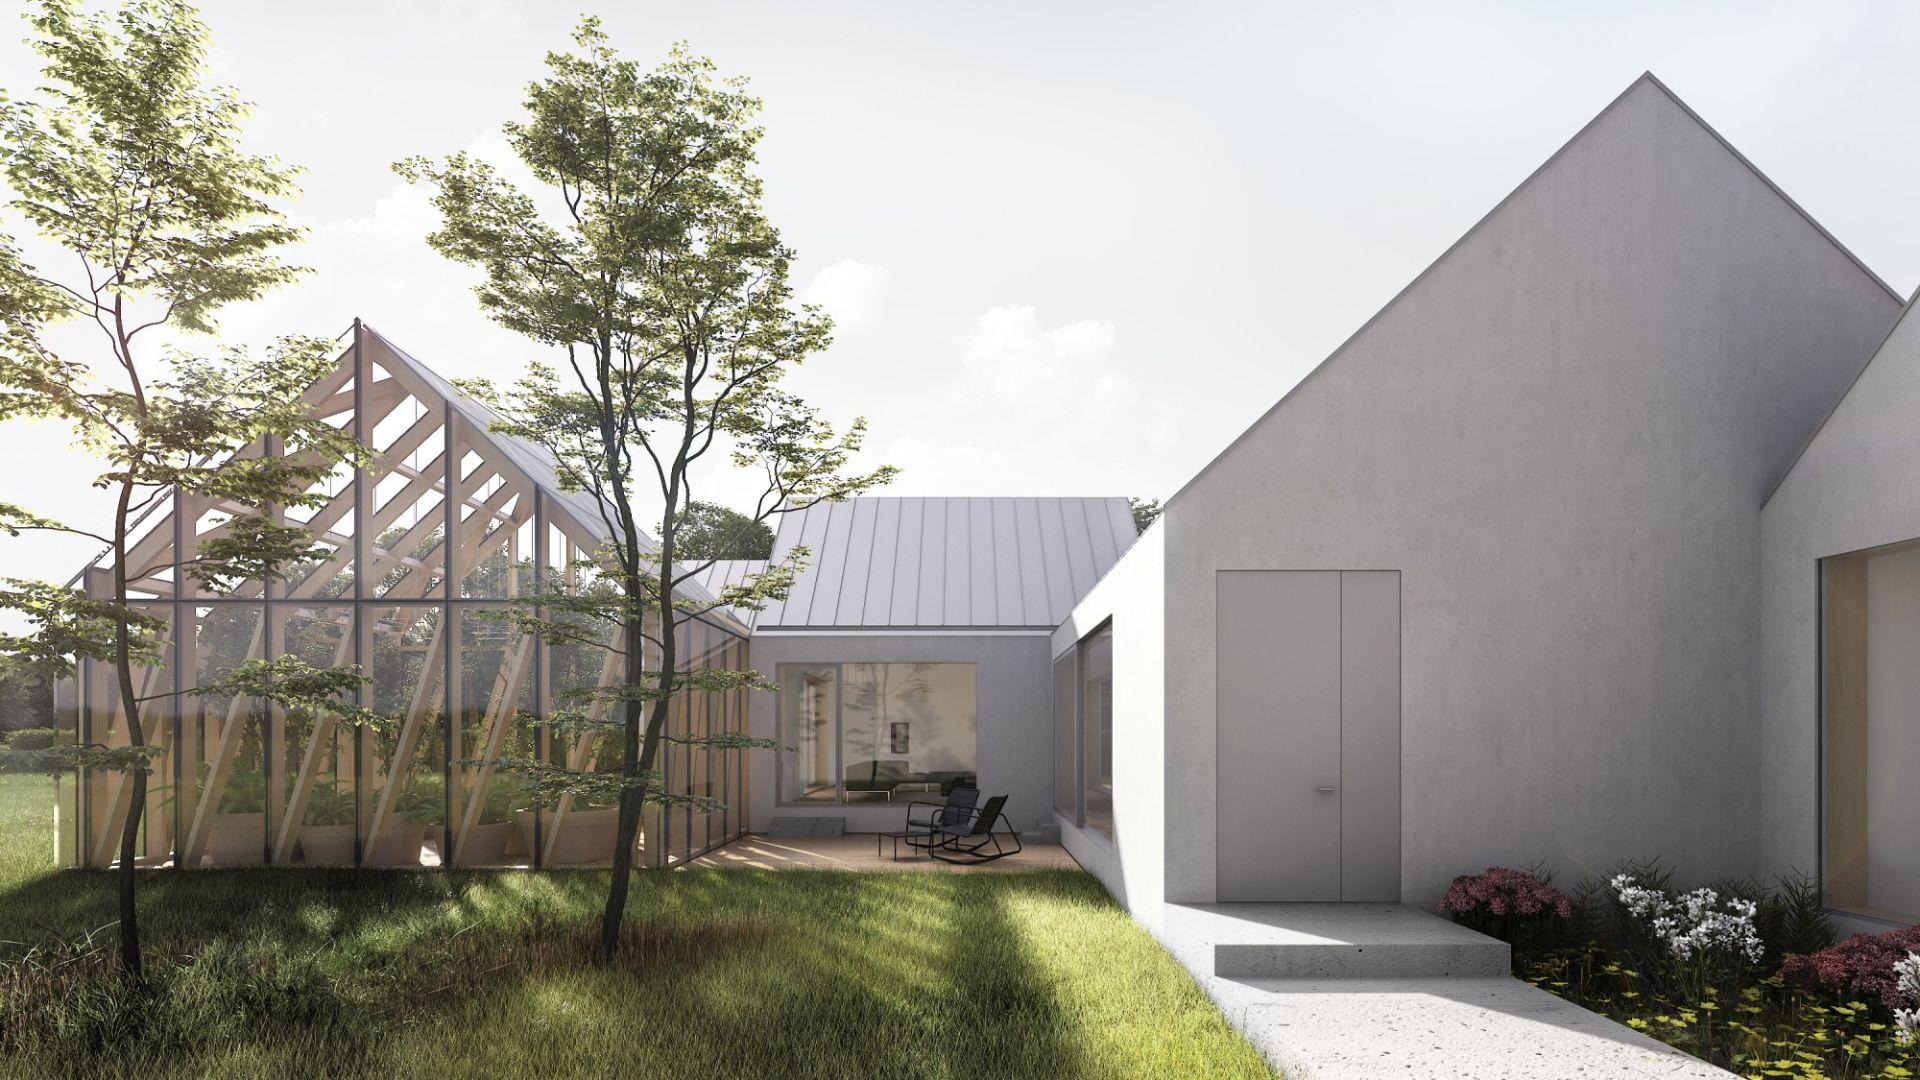 Ten dom zaprojektowano aby mieszkańcy byli blisko natury. Autorzy projektu: Magdalena Tokarska, Piotr Tokarski, pracownia projektowa: TTAT